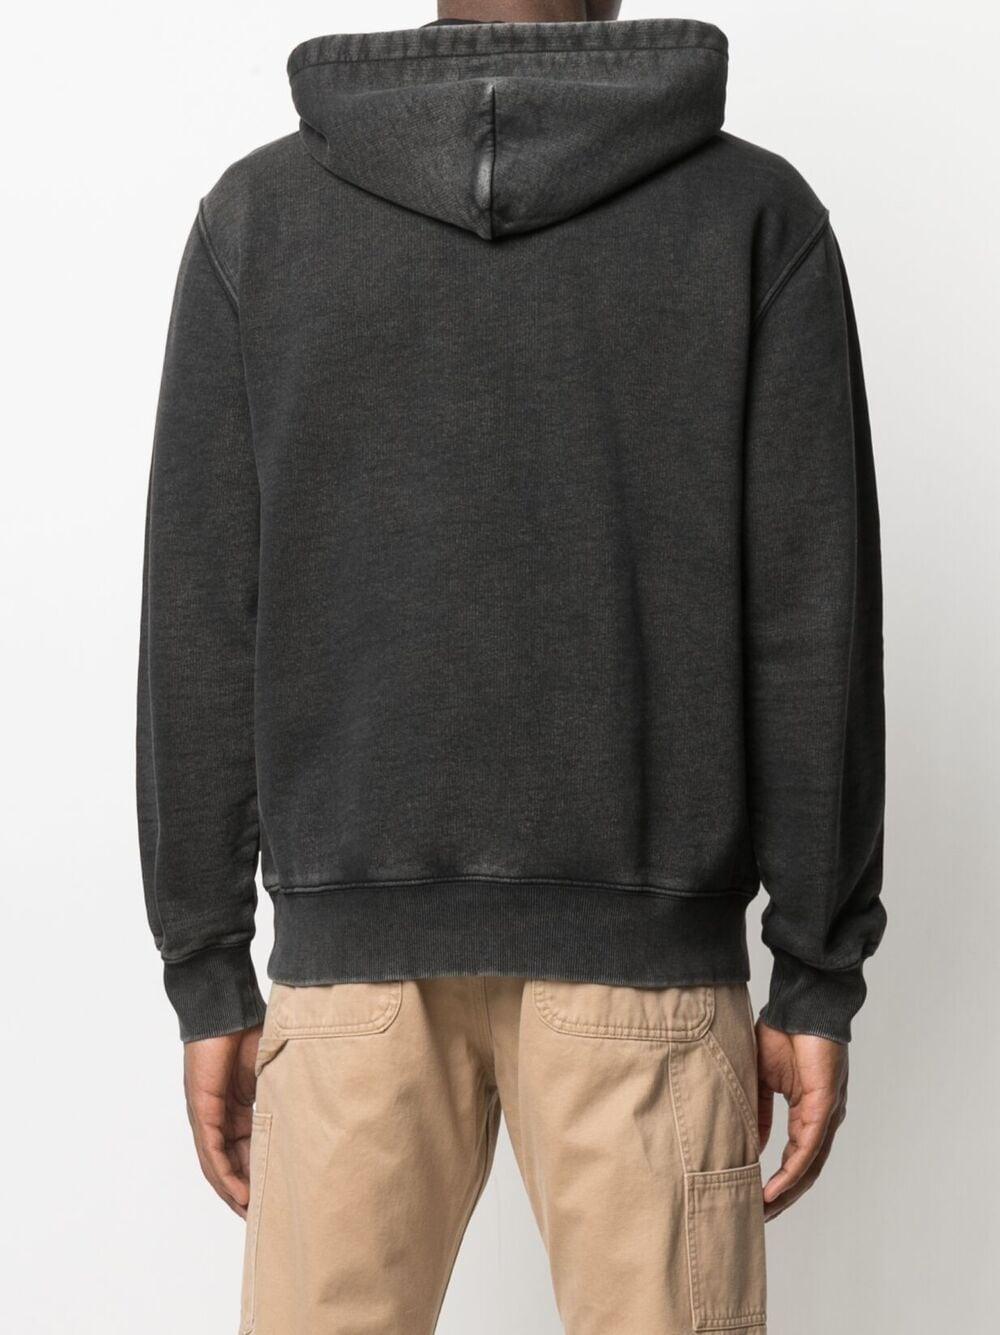 mosby sweatshirt CARHARTT WIP | Sweatshirts | I02858689.00